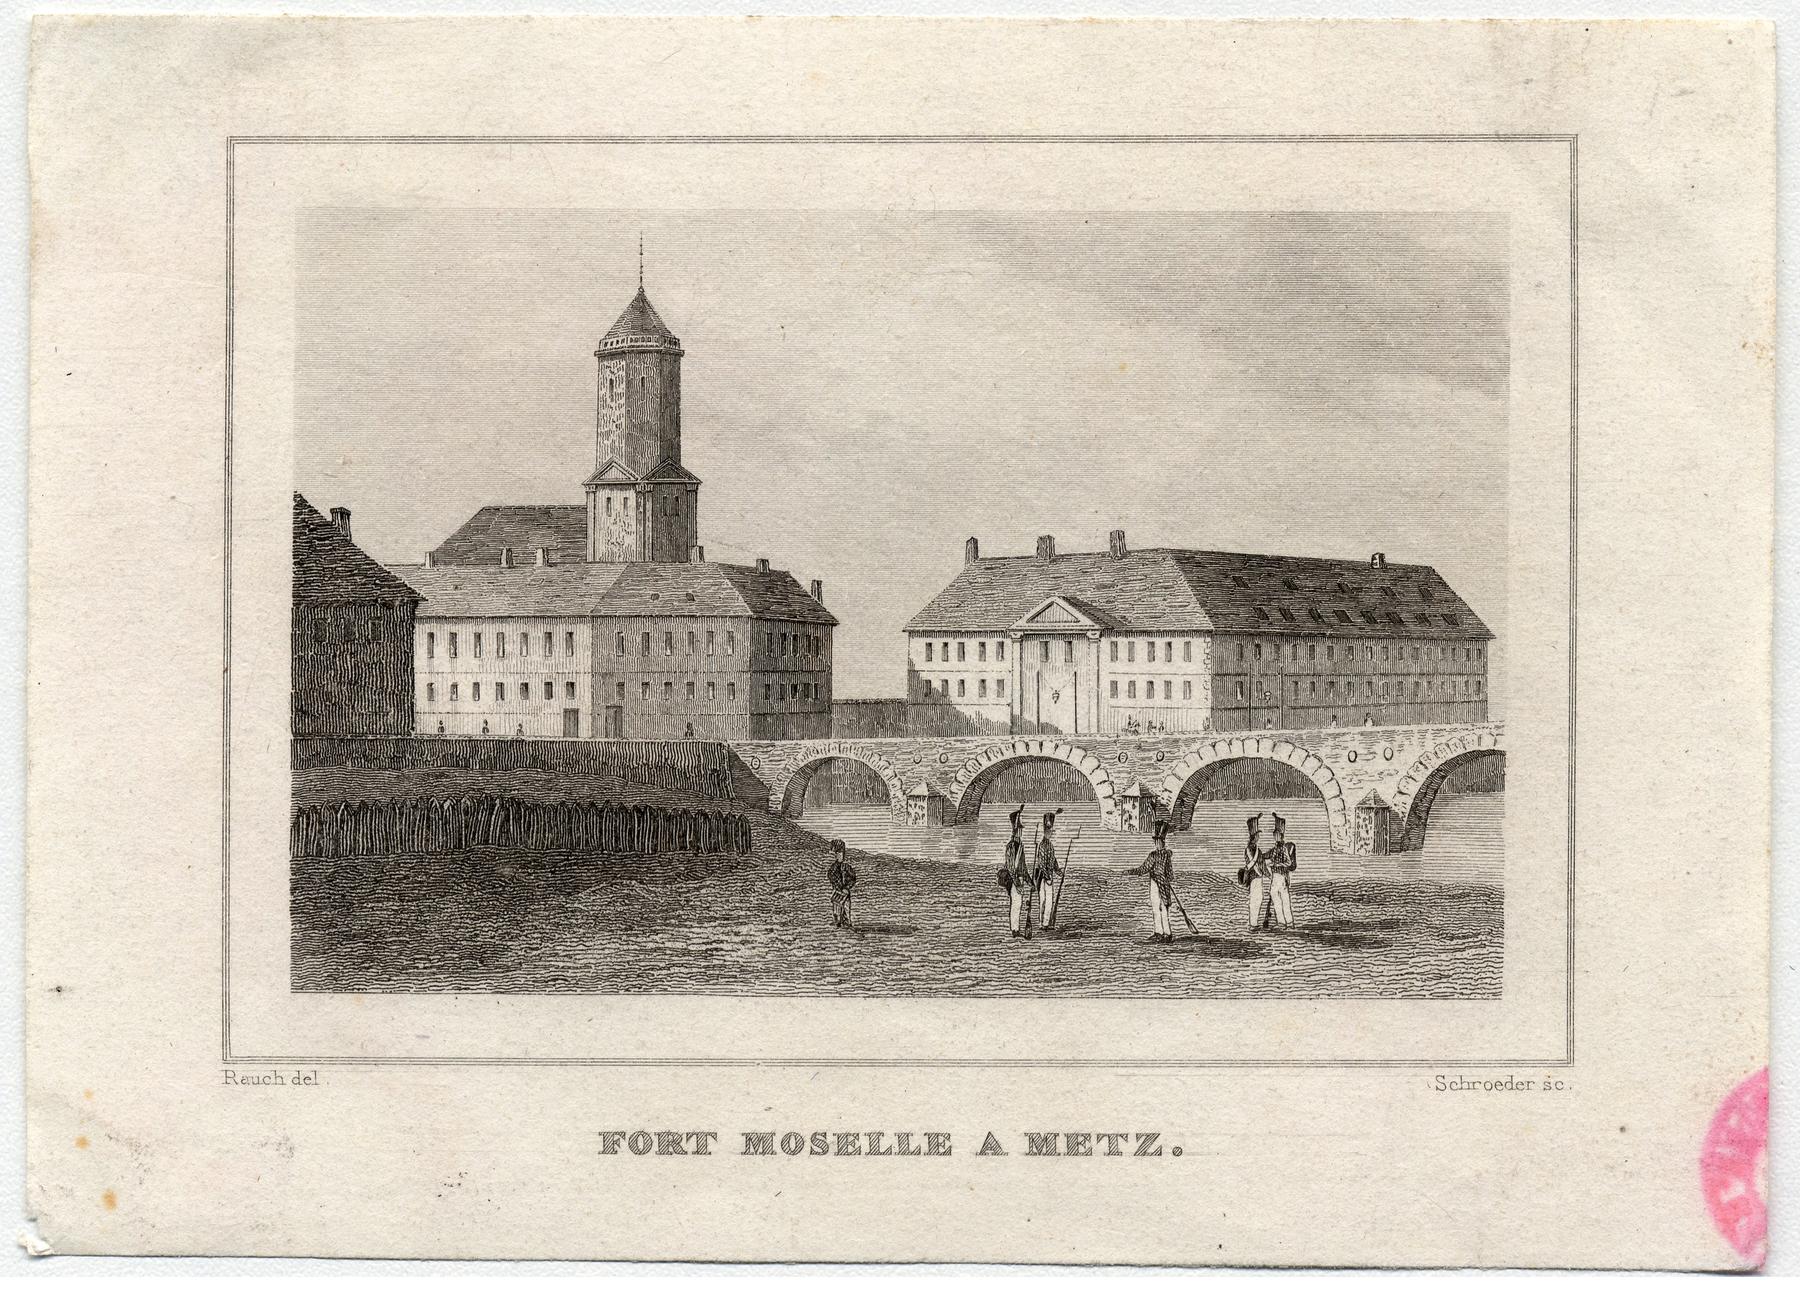 Contenu du Le fort Moselle